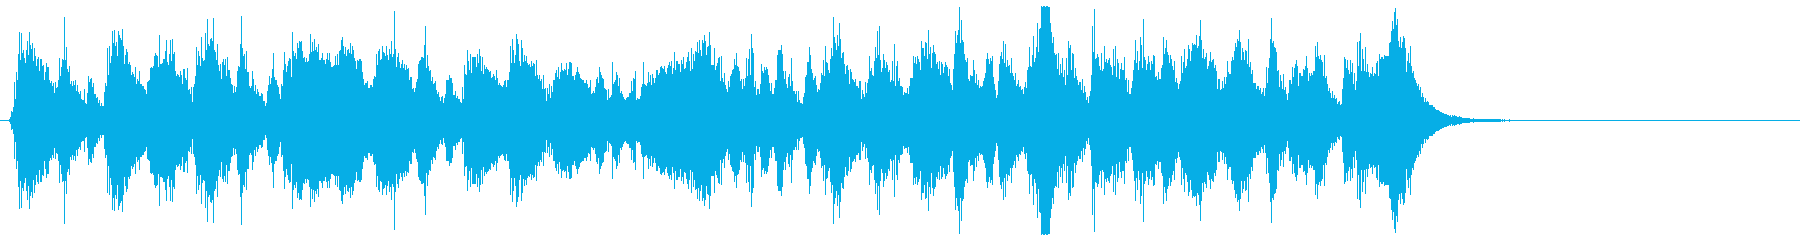 大冒険の幕開け駆け抜ける金管重奏の再生済みの波形